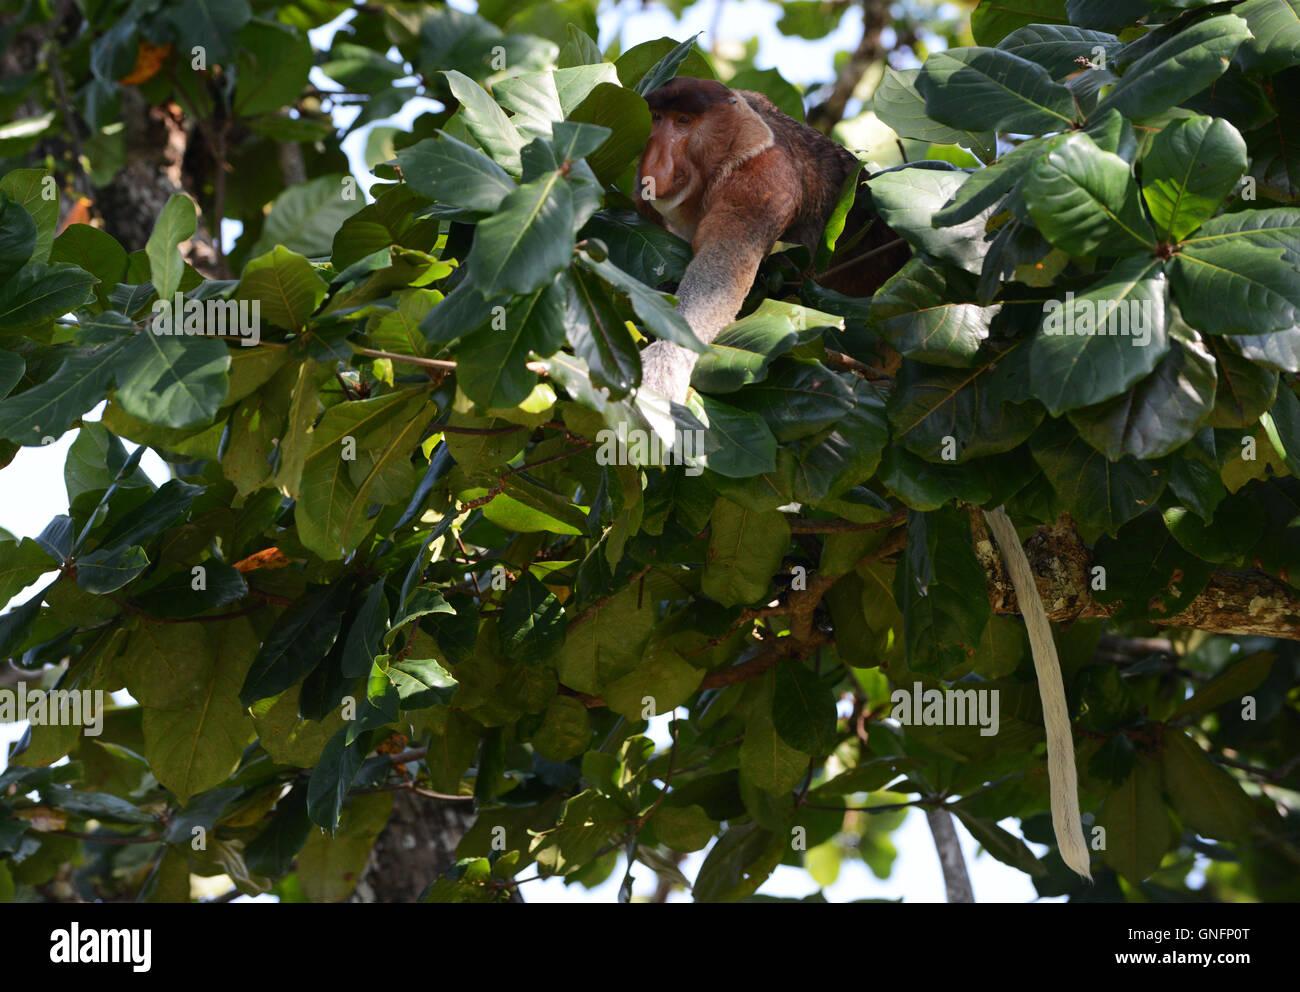 Un Proboscis Monkey manger les jeunes feuilles sur un arbre. Or un chat annelés serpent est juste en dessous de lui. Banque D'Images